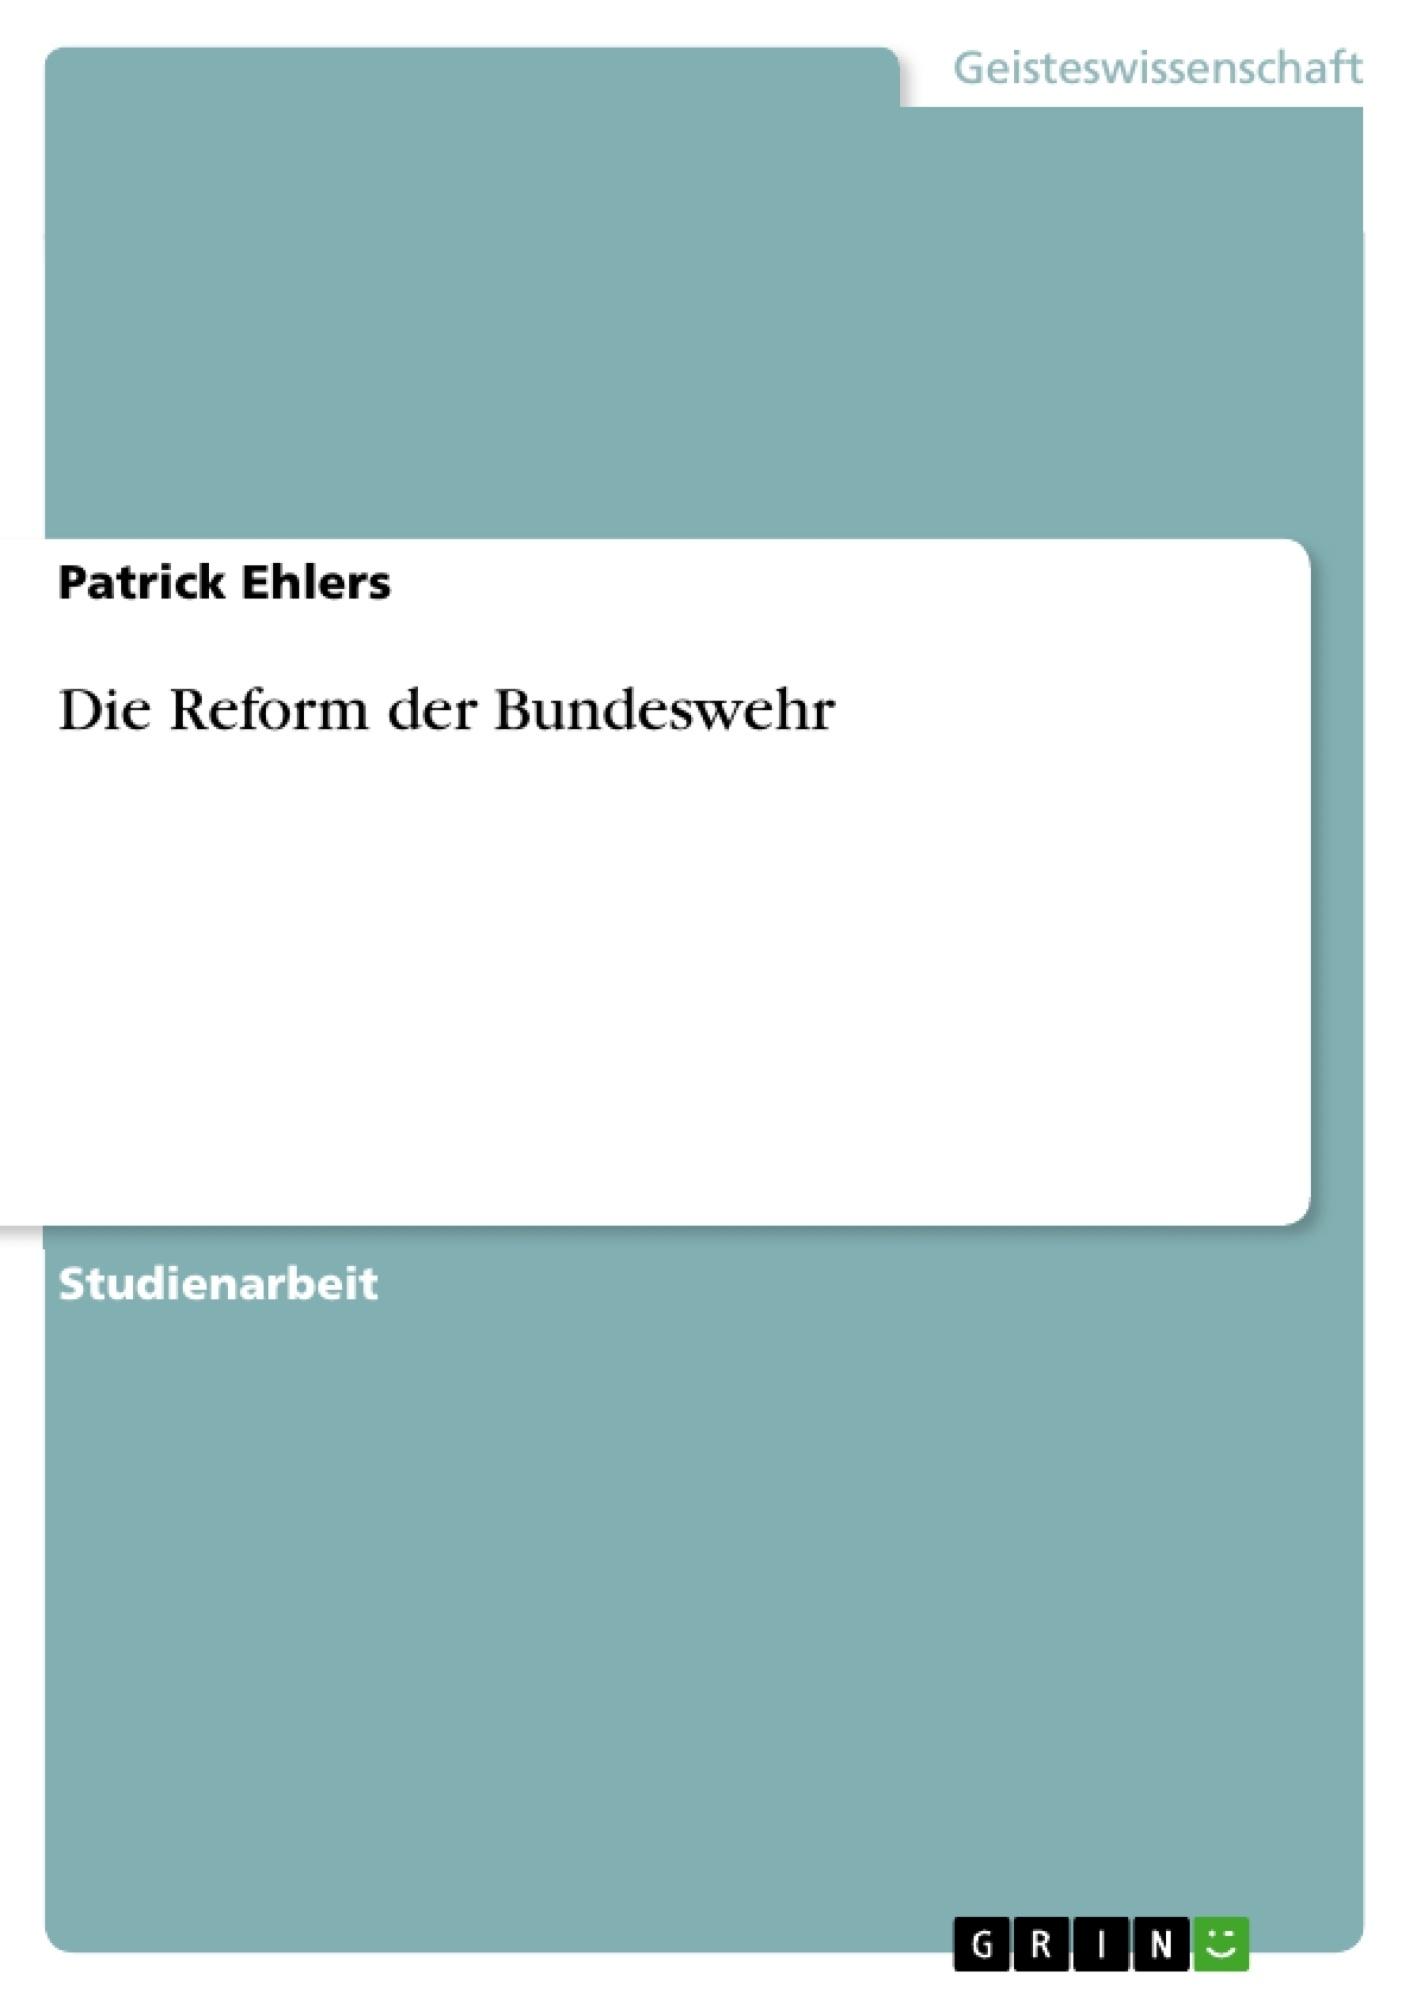 Titel: Die Reform der Bundeswehr